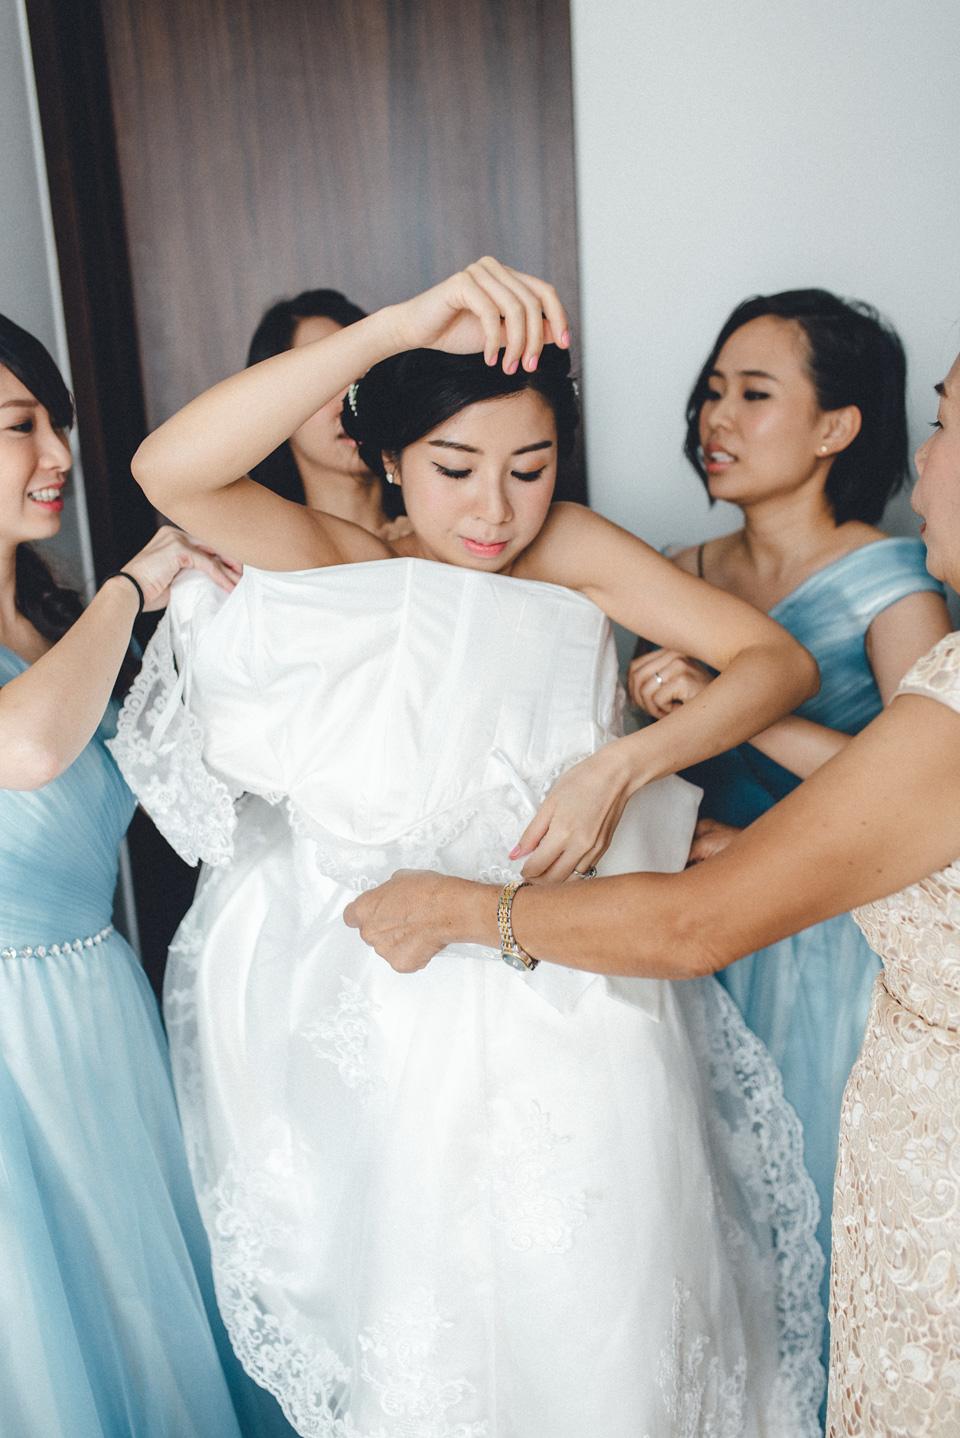 hongkong-wedding-photo-video-35 Kristy & Sam HongKong Wedding Four Saison HKhongkong wedding photo video 35